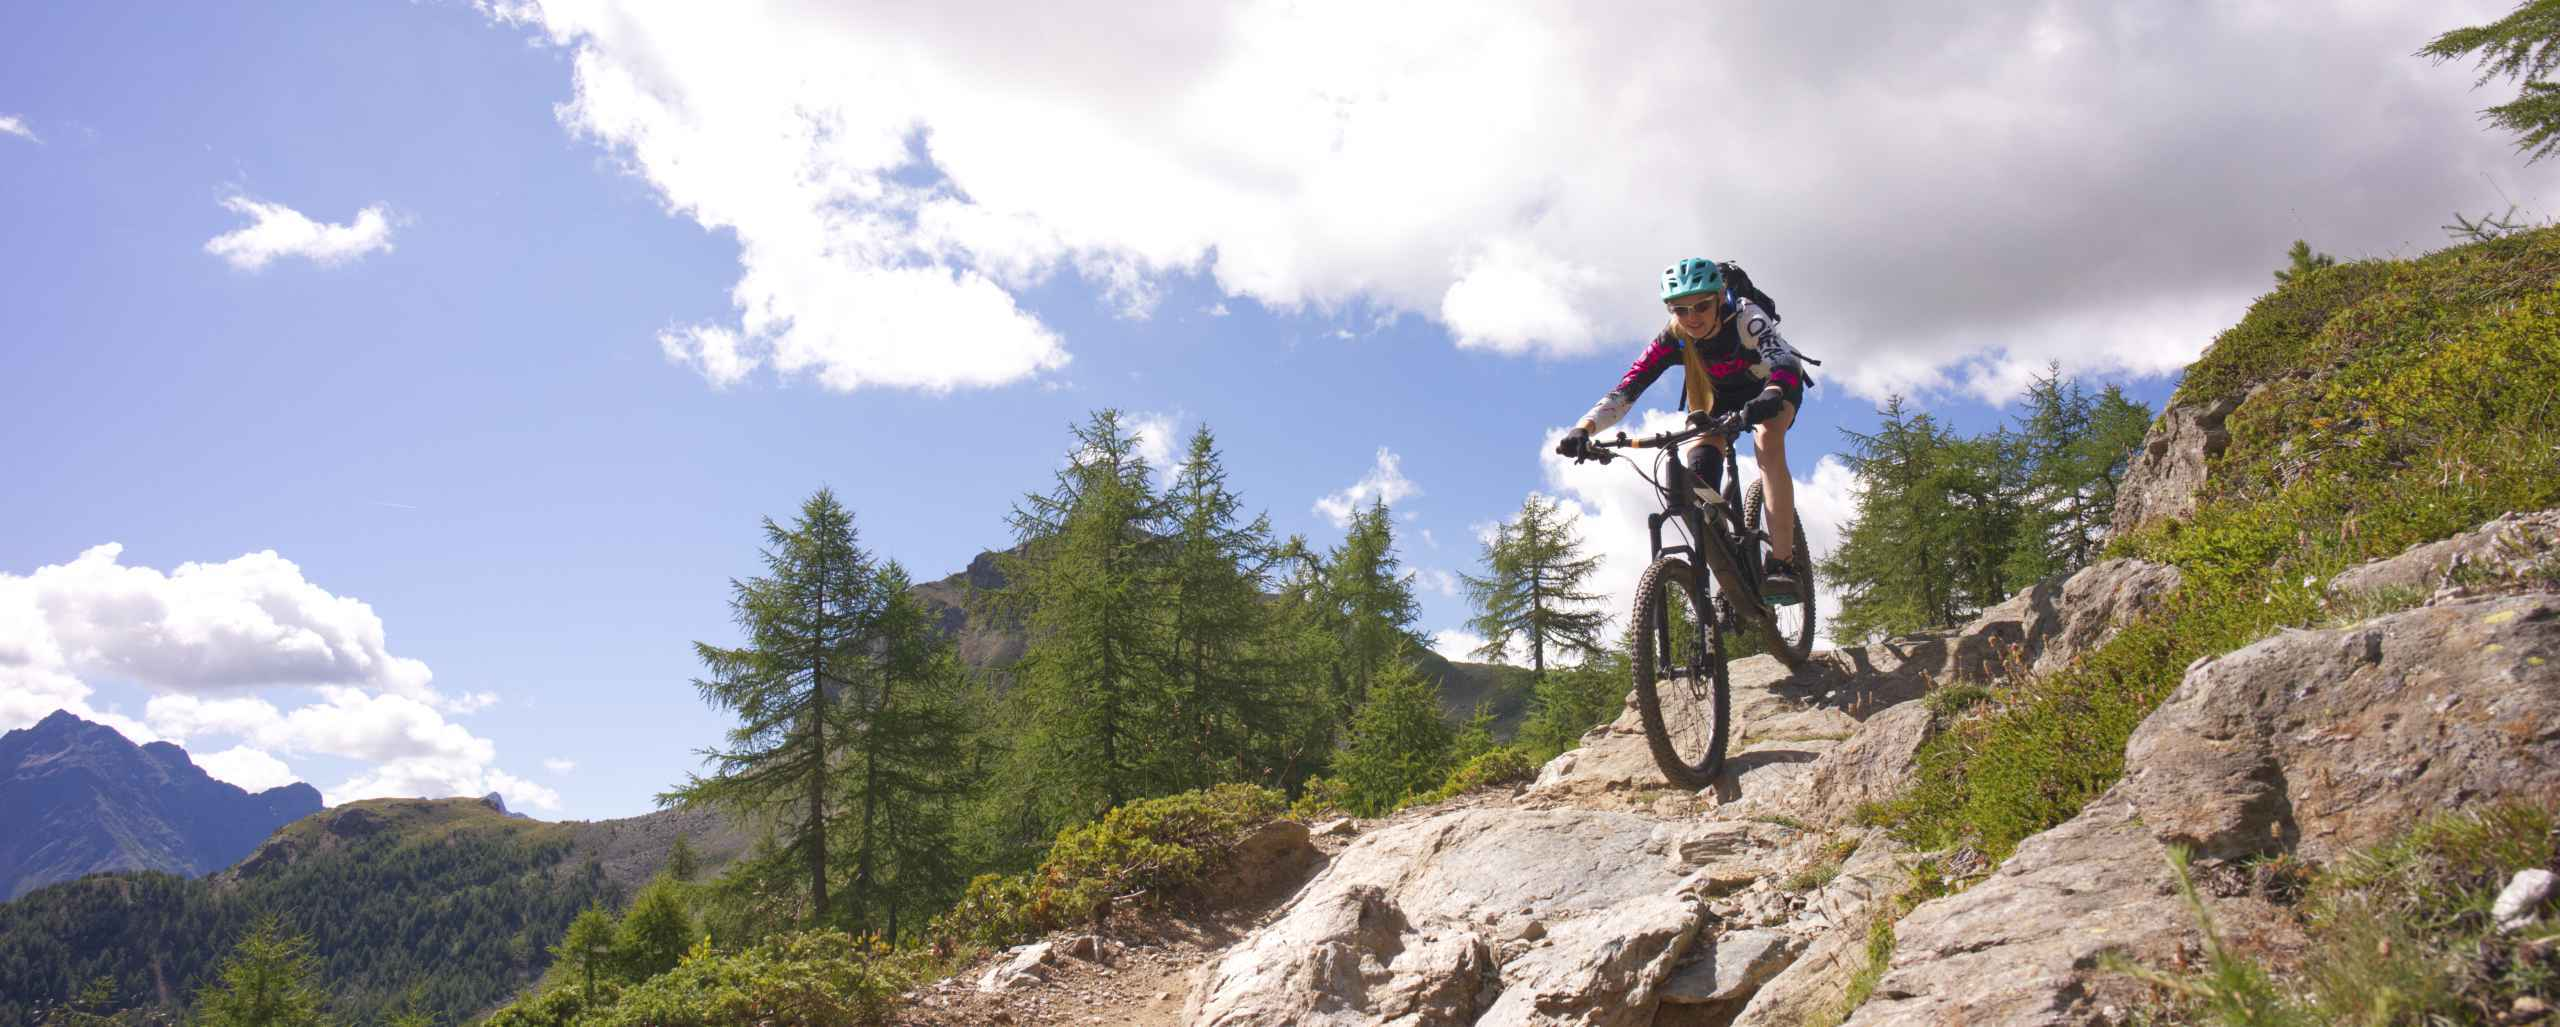 Bikerin auf Felsplatte